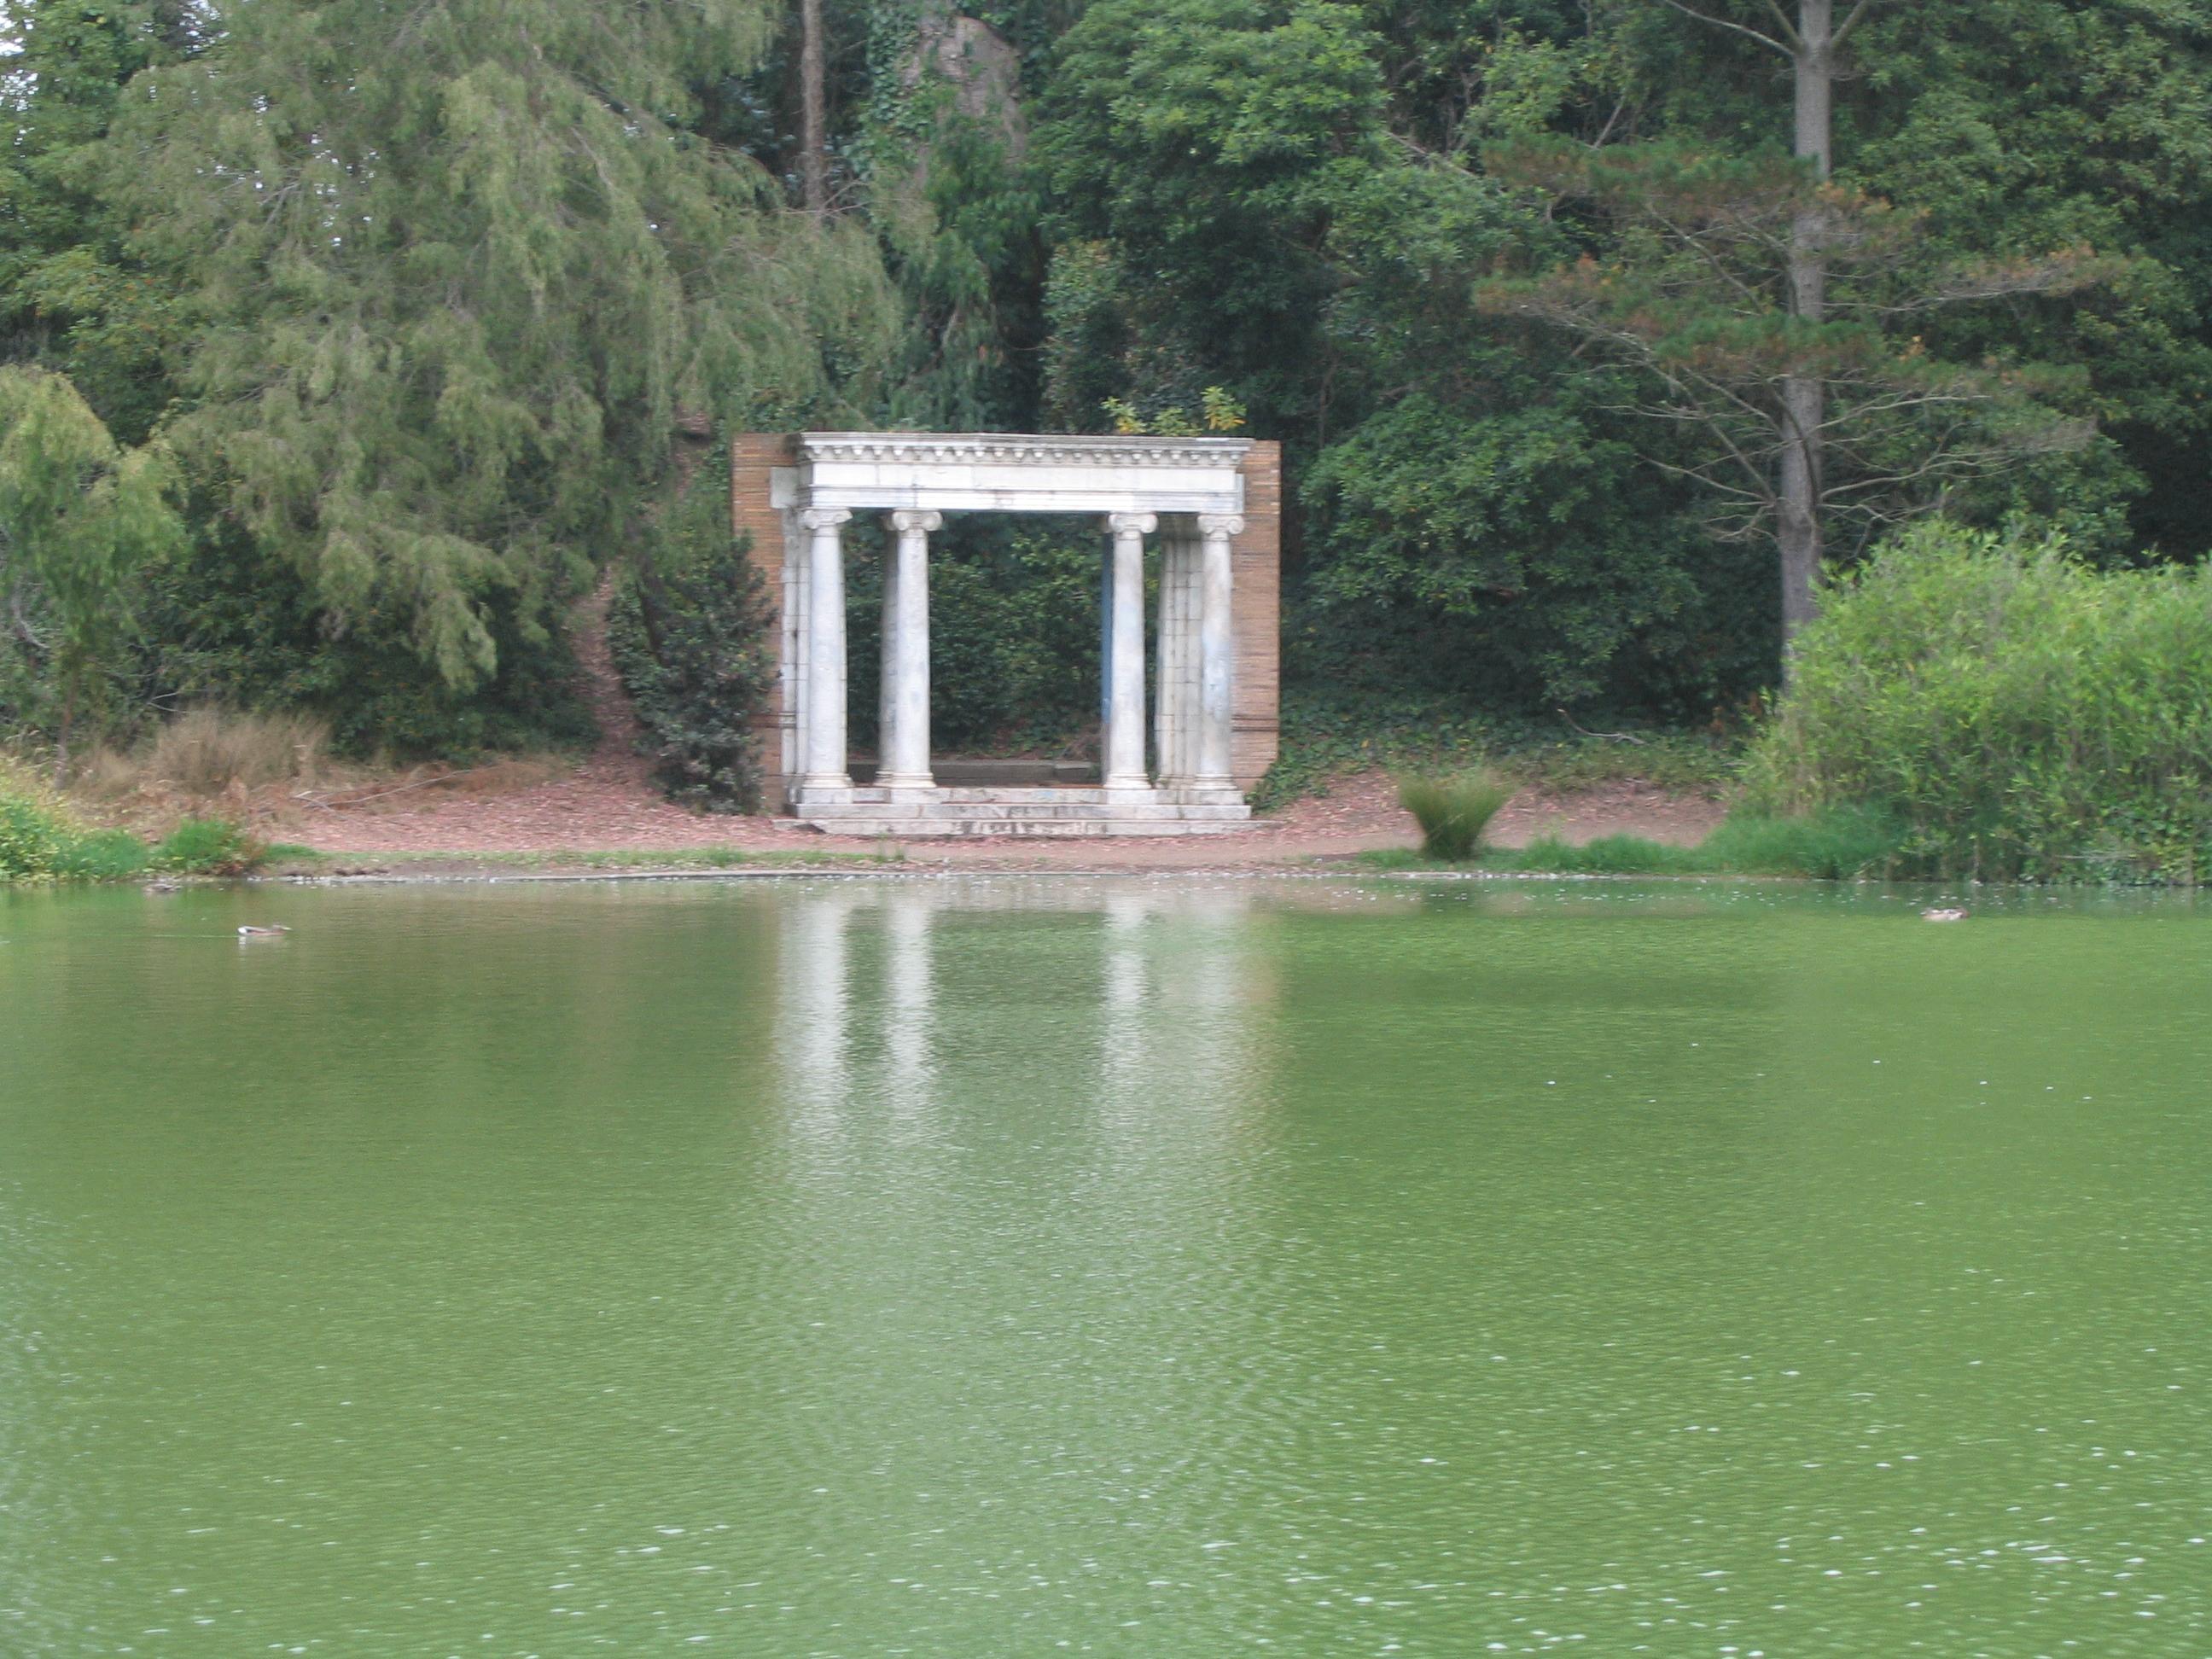 file lloyd lake san francisco dh000025 644498663 jpg